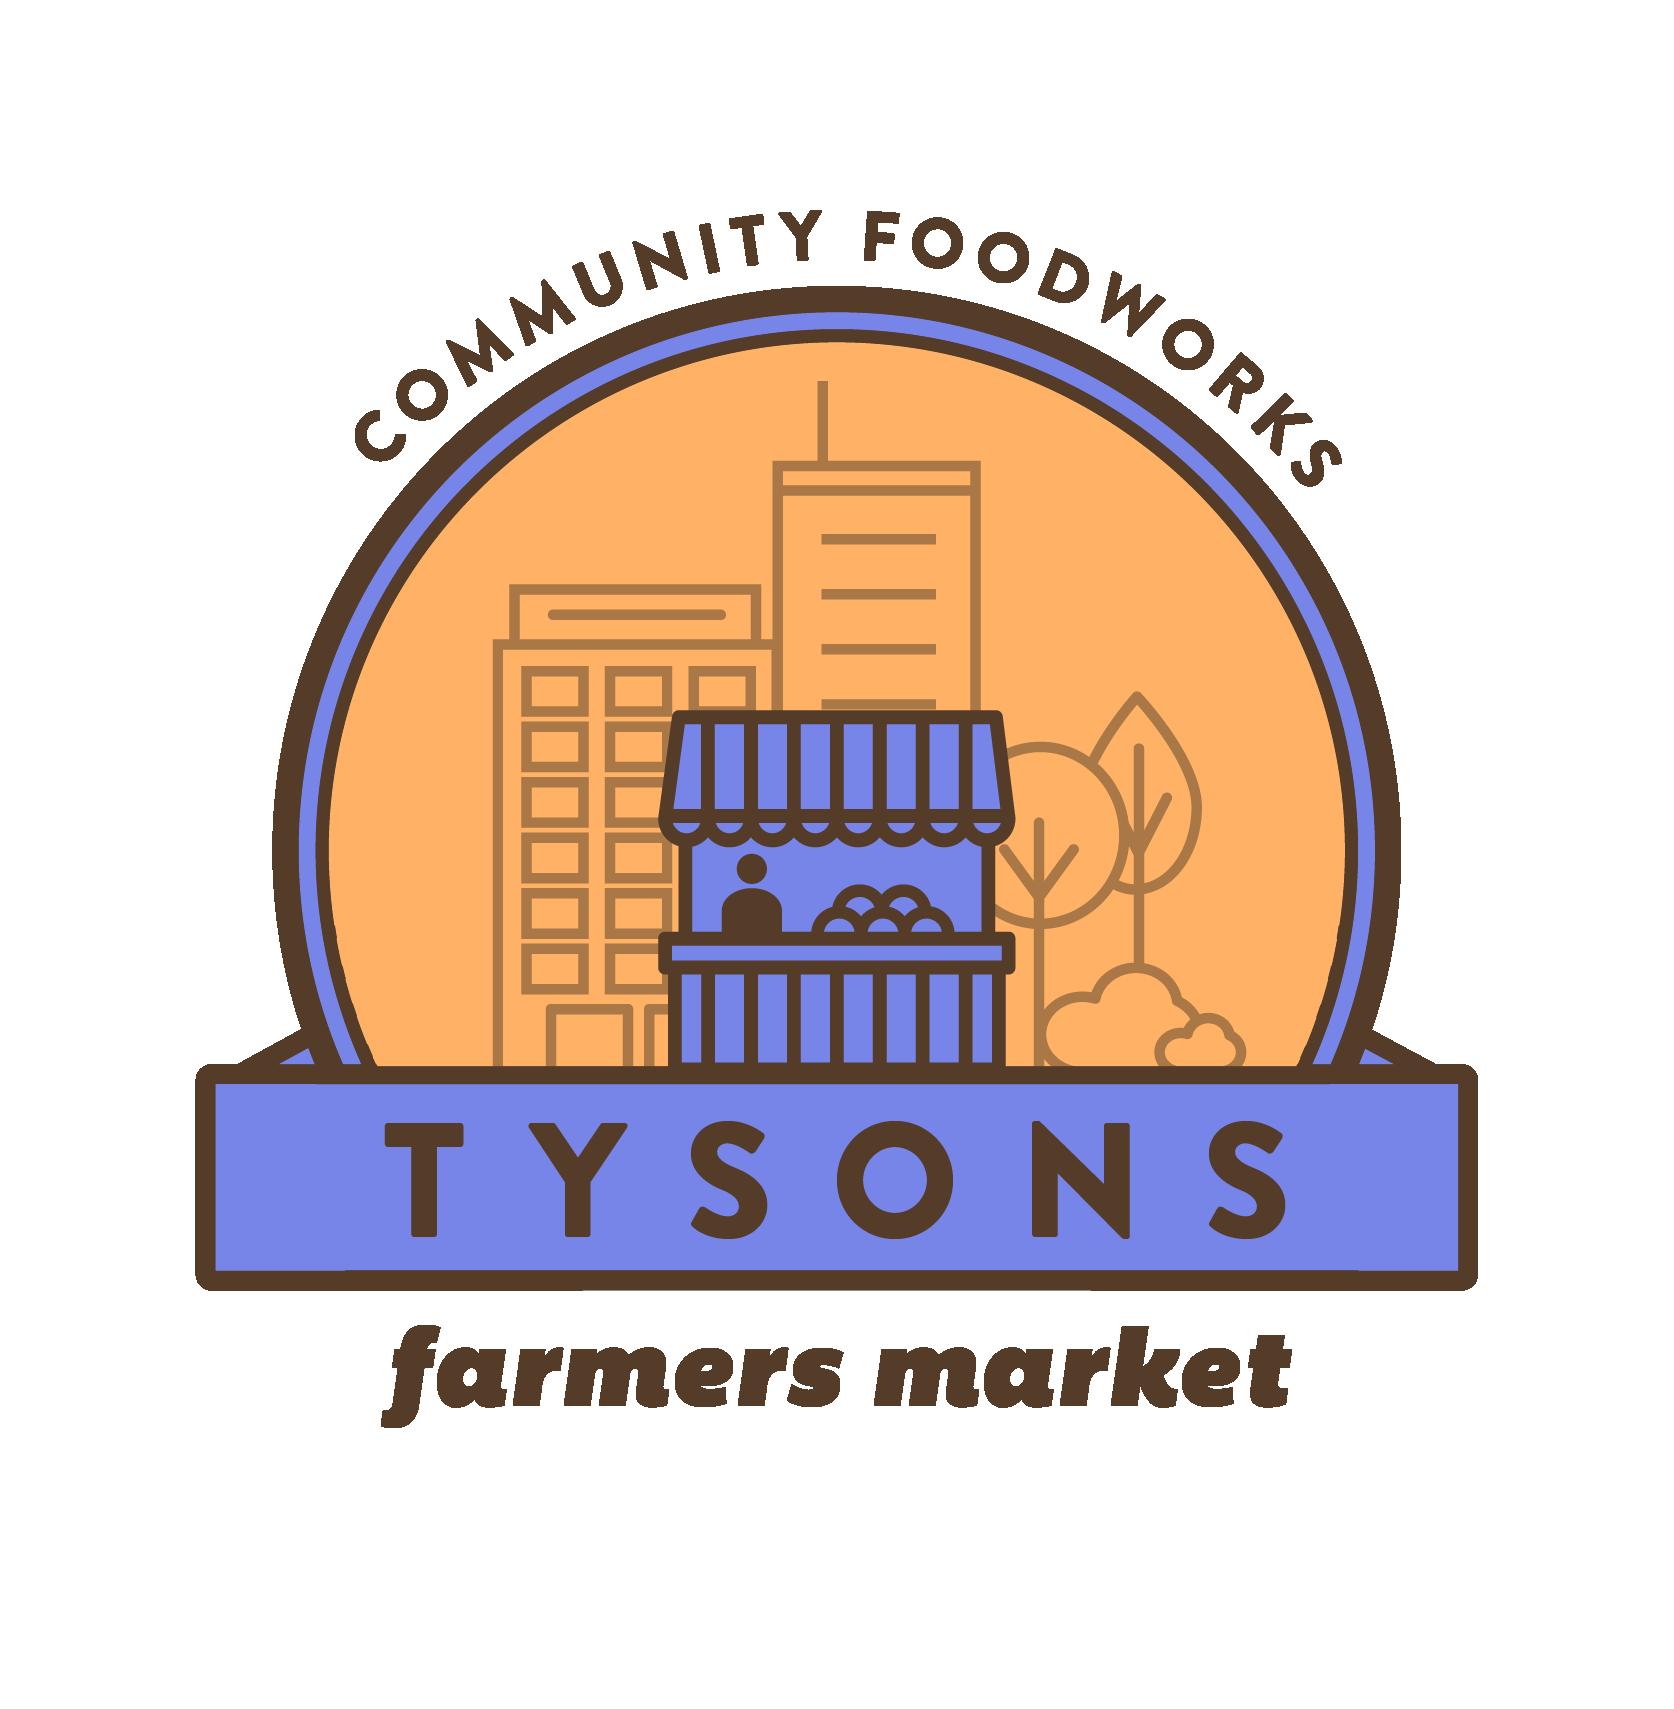 CFW_Farmers-Markets_Tysons.png